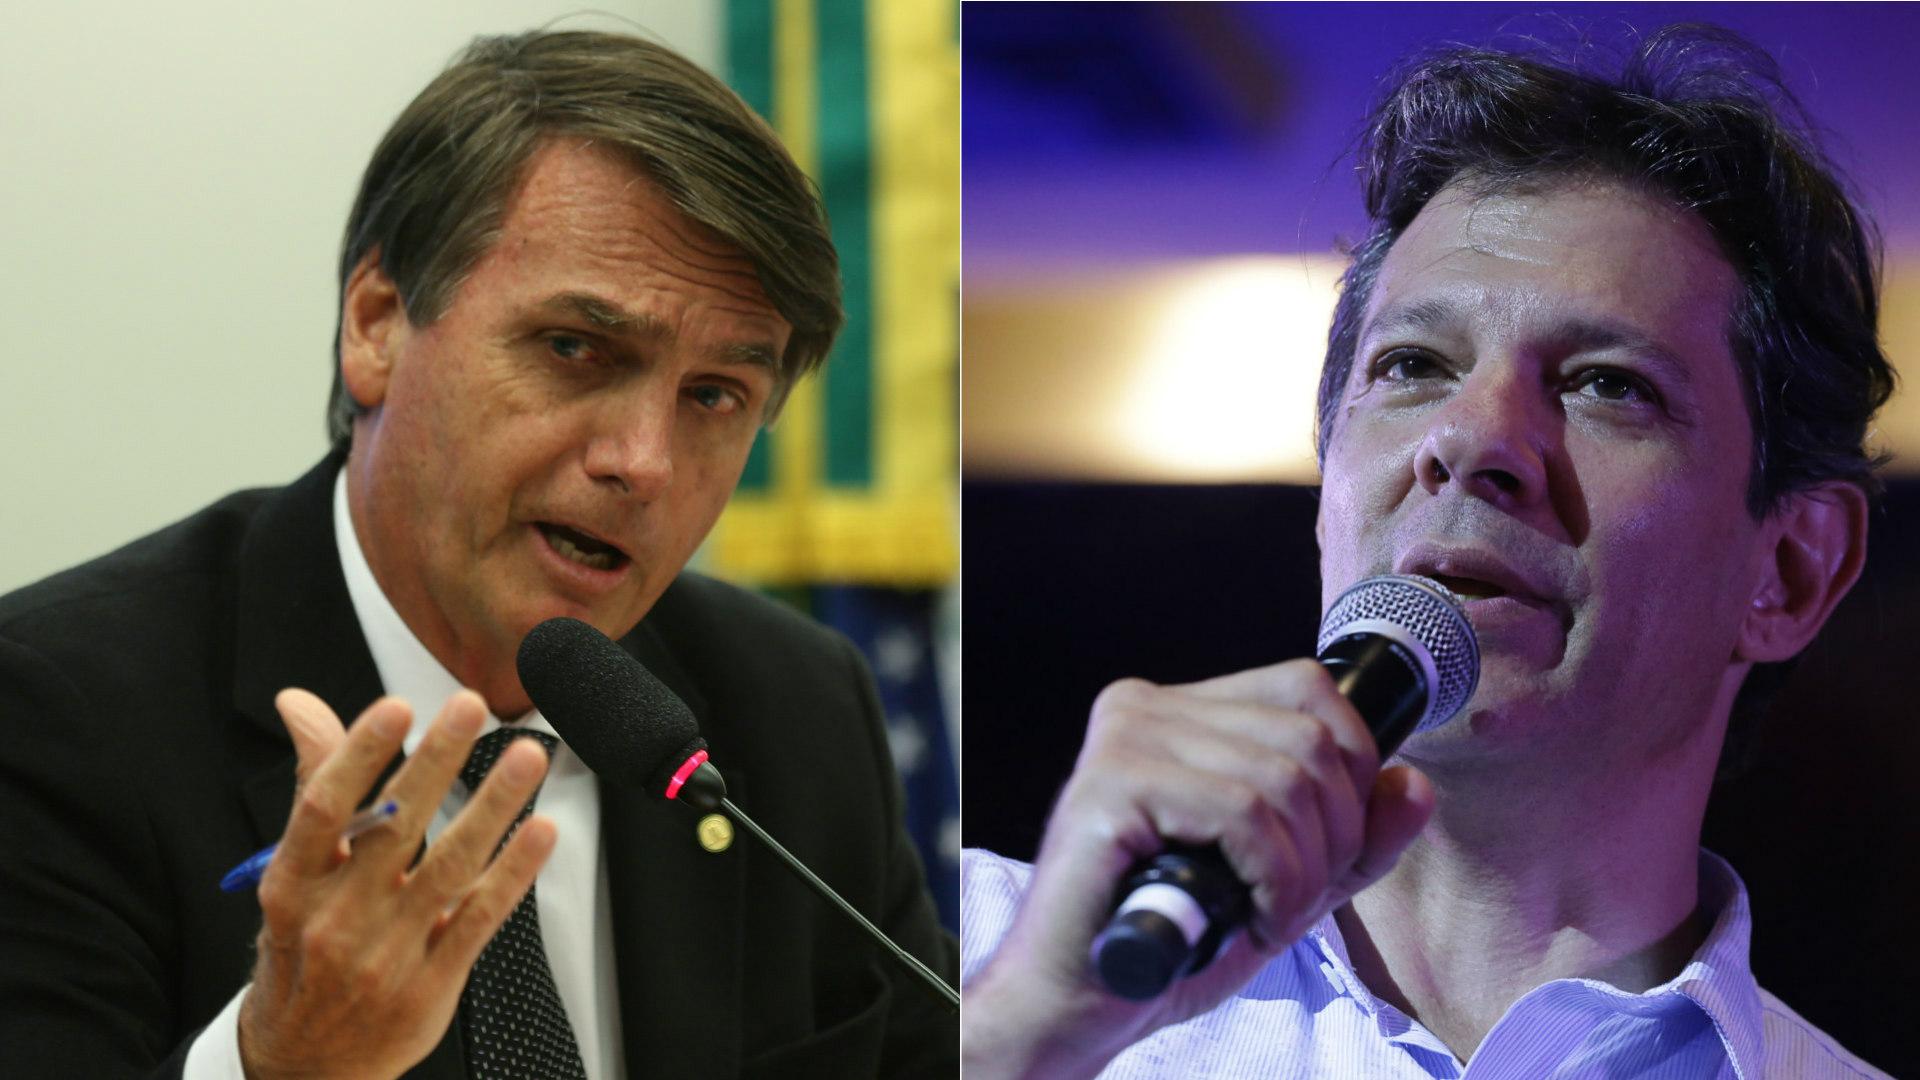 Jair Bolsonaro e Fernando Haddad, candidatos às eleições presidenciais de 2018